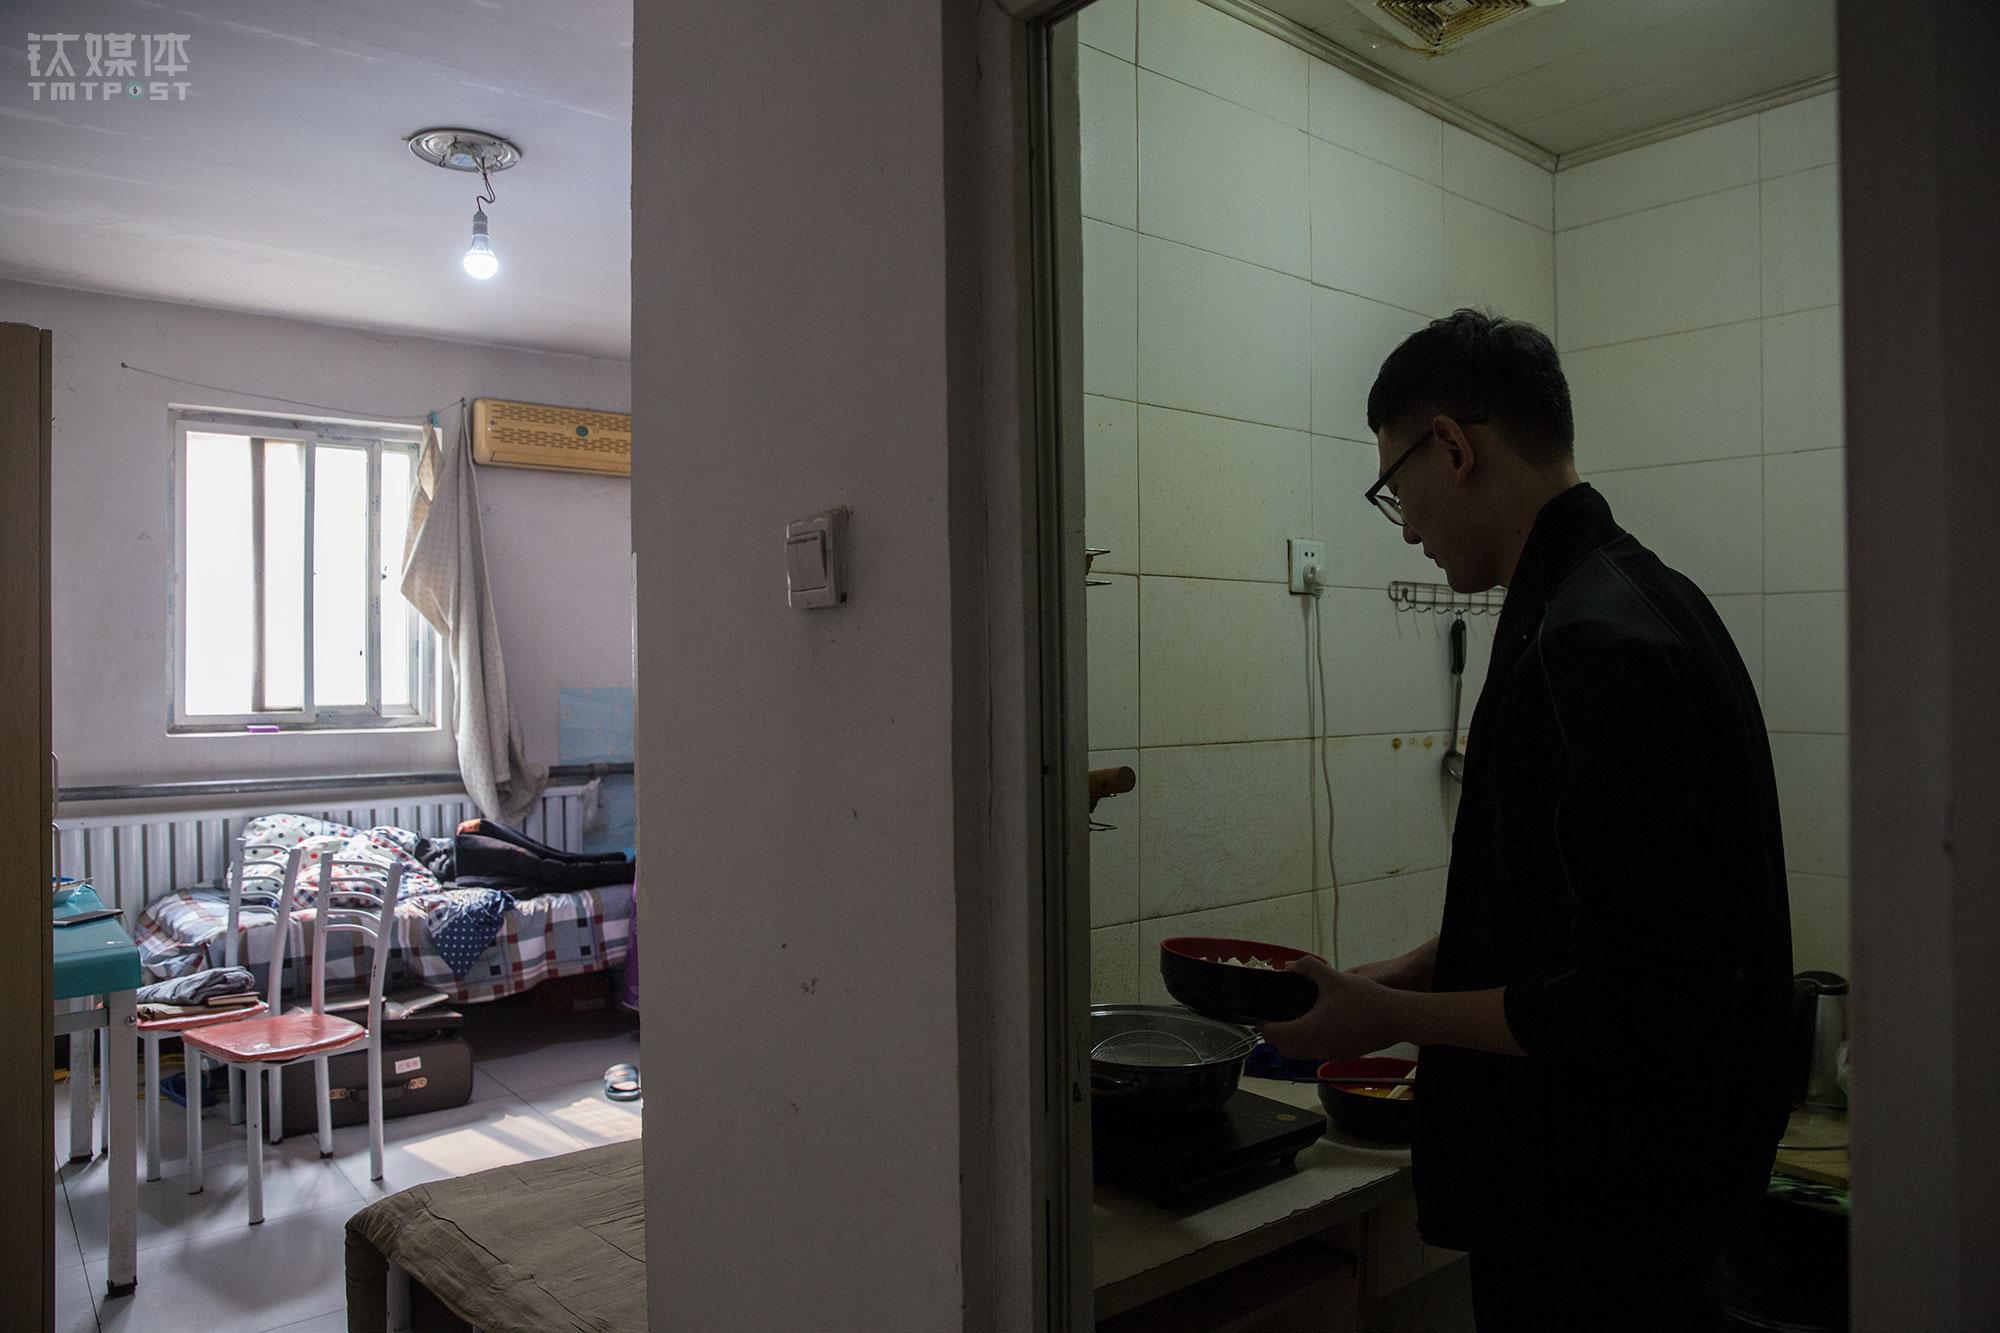 """为了省钱,小林每顿都吃鸡蛋煮面""""吃到快吐了""""。到北京来之前,小林做好了住地下室的准备,""""这房子有厨房有厕所,条件已经比我想的要好很多,我之前一个同学北漂住过没有窗户的地下室,厕所厨房都是公共的,有一次下雨还差点被淹了""""。"""